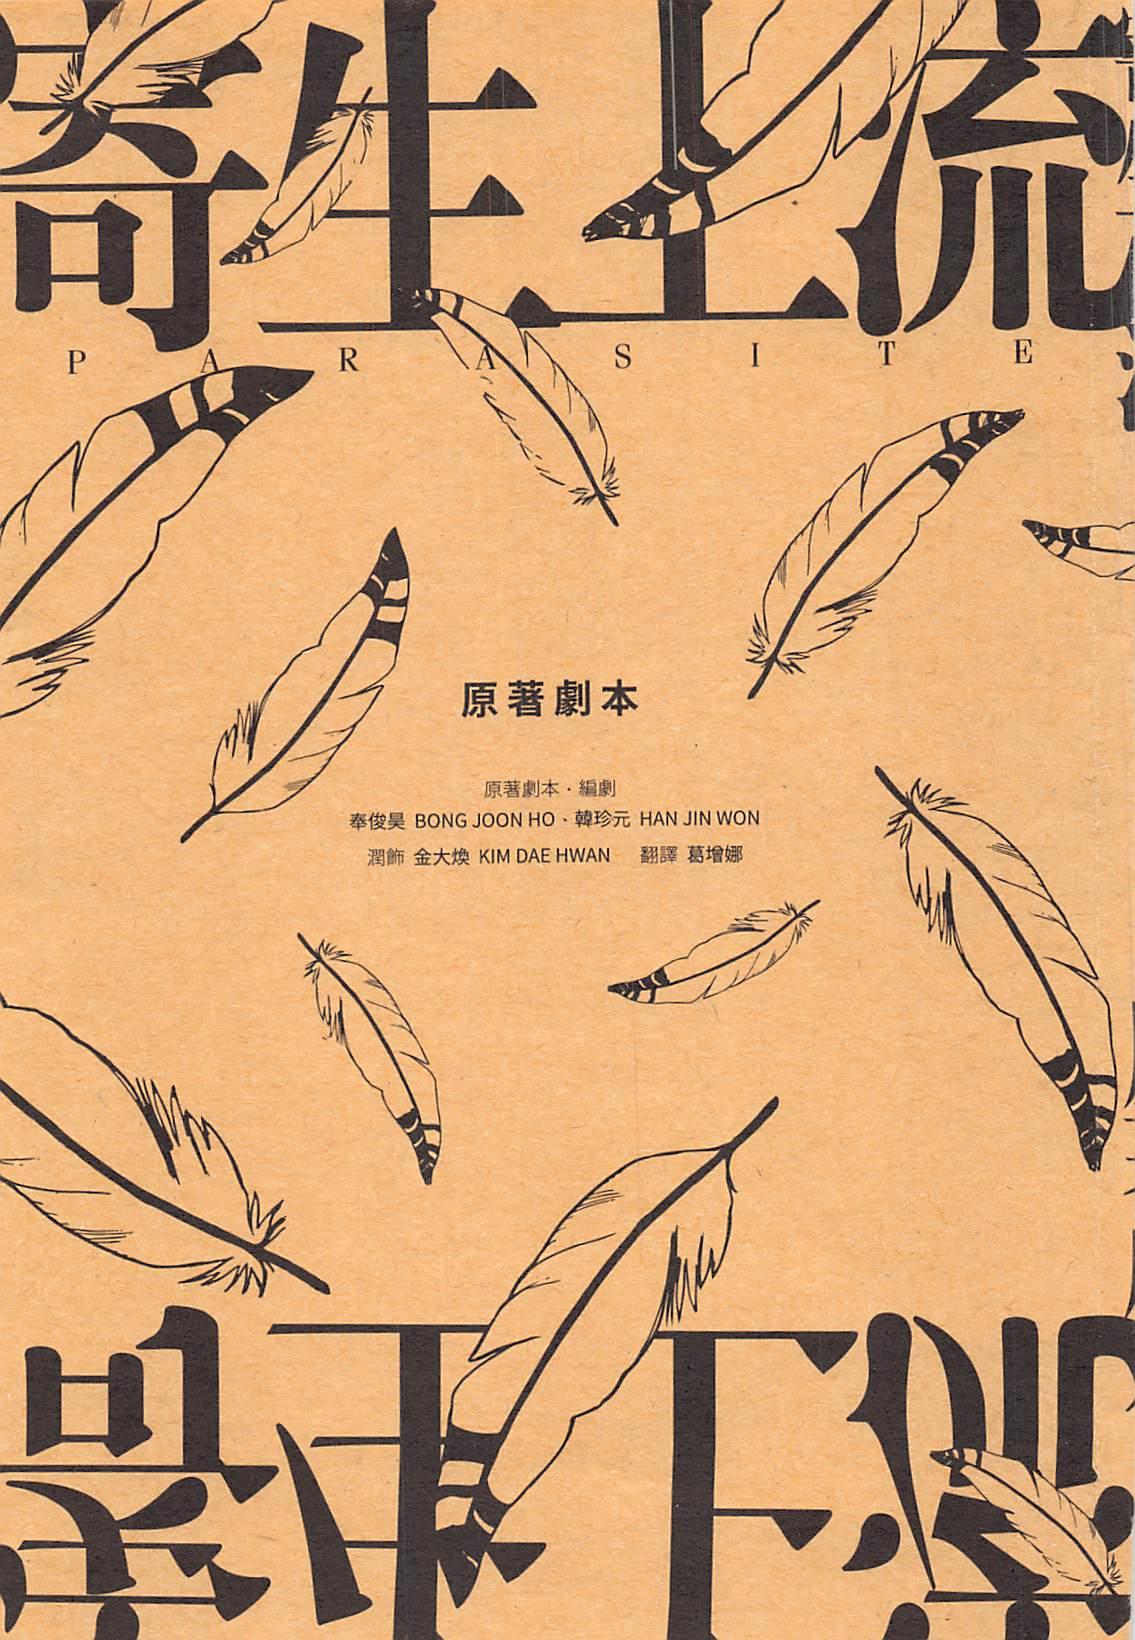 寄生上流 - 奉俊昊 韓珍元 金大煥 (寫樂文化) (語文) (封面)